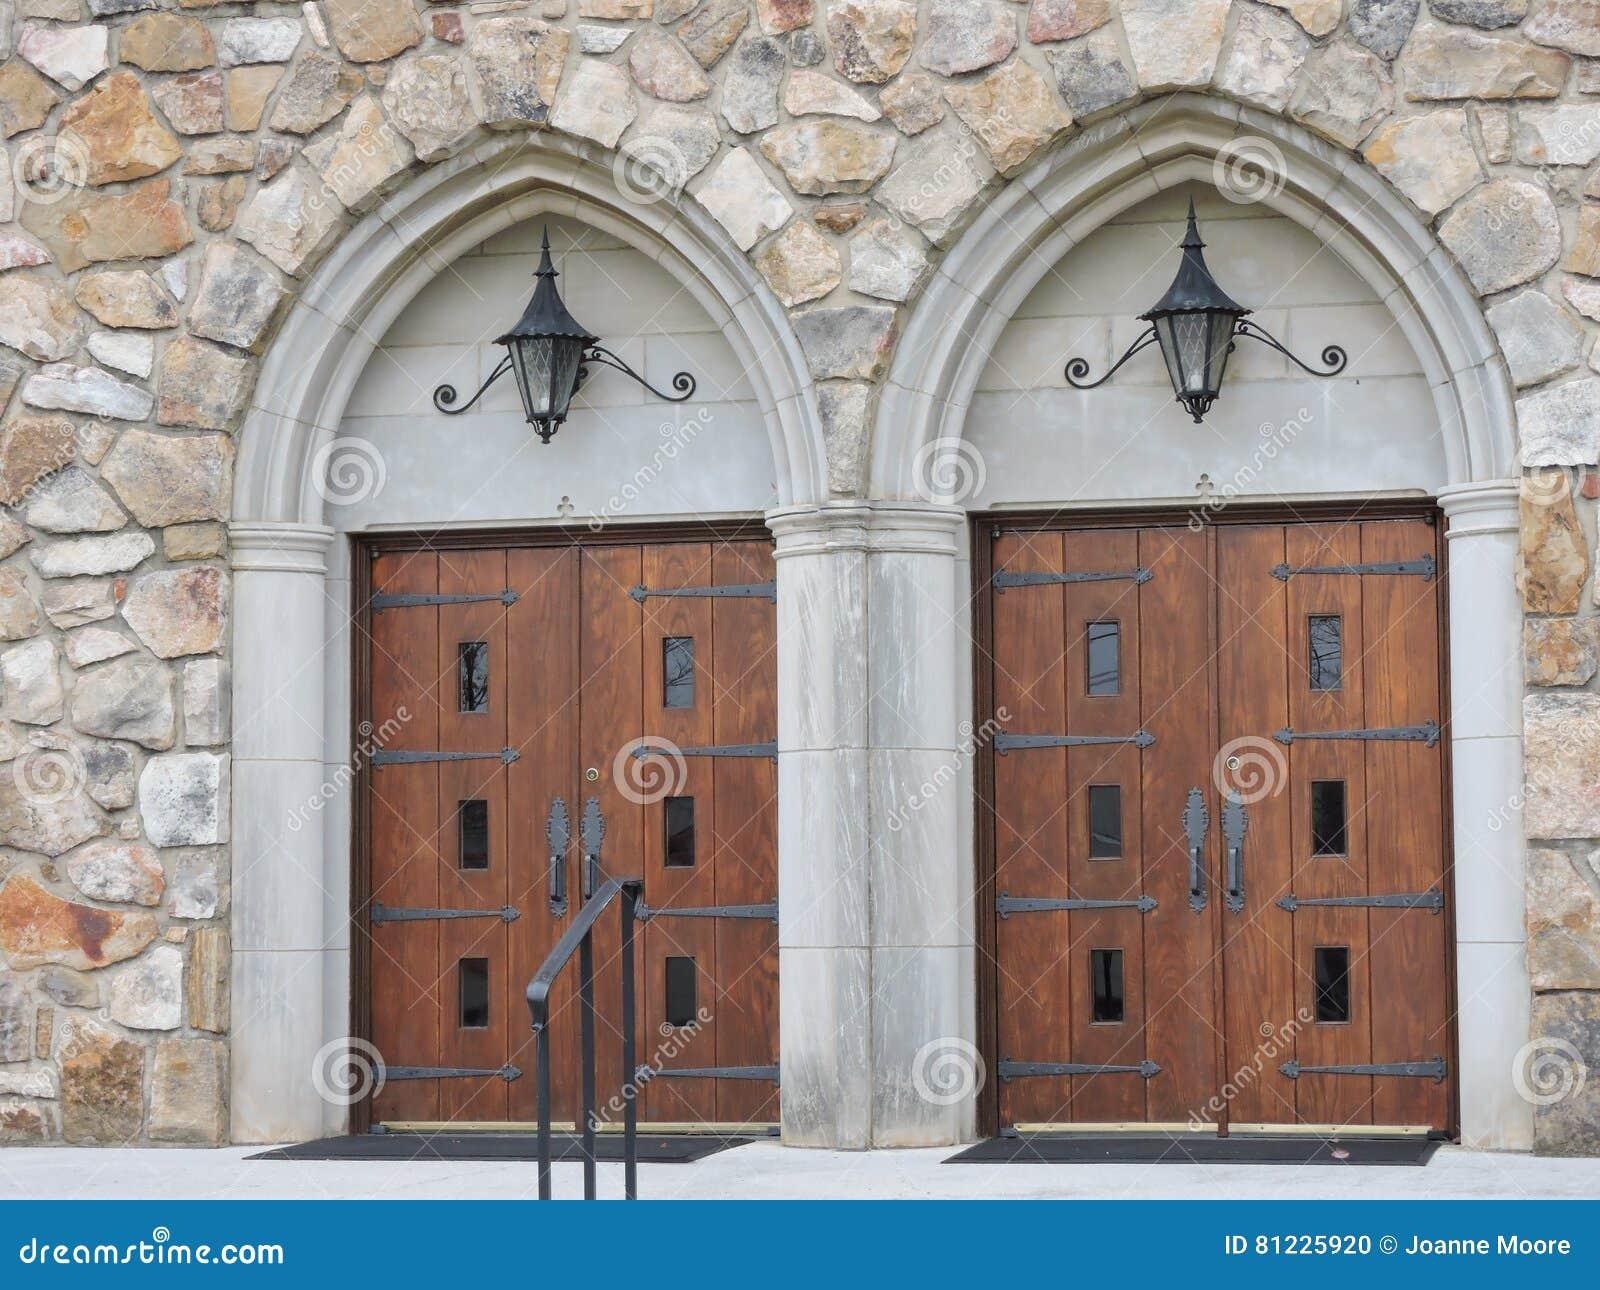 Puertas gemelas de la iglesia madera hierro pesado arcos for Arcos de madera para puertas